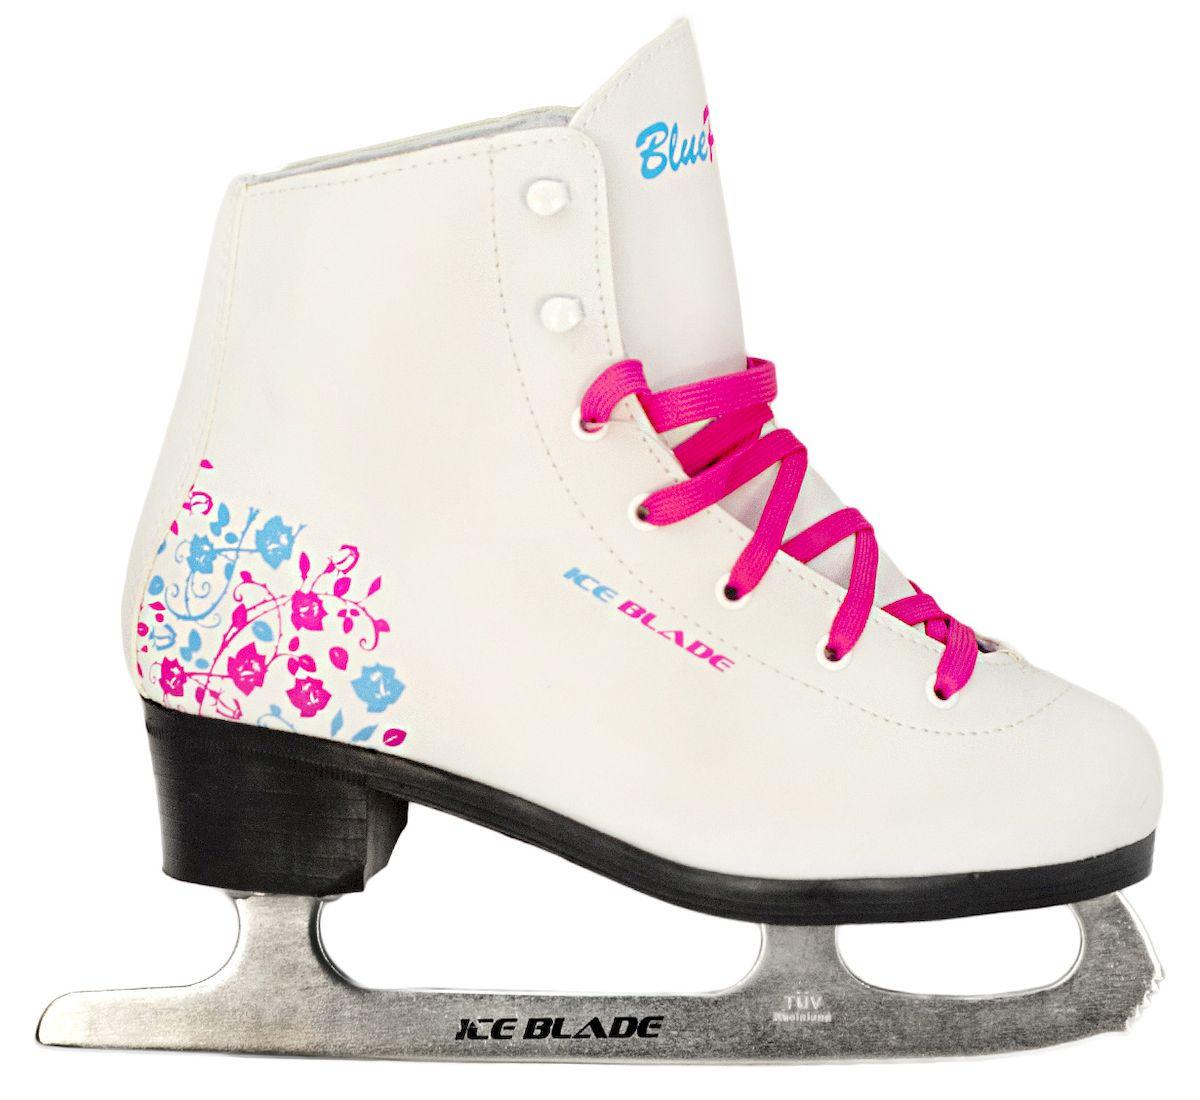 Коньки фигурные Ice Blade BluePink, цвет: белый, розовый, голубой. УТ-00006869. Размер 35PW-221Коньки фигурные Ice Blade BluePink предназначены для любительского фигурного катания. Яркий и нестандартный дизайн модели BluePink совмещает голубой и розовый цвет. Более того, в комплекте помимо розовых шнурков идет пара голубых, пусть каждая любительница катания на коньках выберет для себя, какой цвет ей больше по душе.Ботинок анатомической конструкции выполнен из высококачественной искусственной кожи, покрытой полиуретаном, защищающим от влаги. Внутренняя набивка из специального материала, комфортно адаптирующегося к форме ноги. Внутренняя отделка из мягкого вельвета.Лезвия изготовлены из высокоуглеродистой стали, сертифицированной TUV Rheiland. Коньки поставляются с заводской заточкой лезвия, что позволяет сразу приступить к катанию, не тратя время и денег на заточку. Коньки подходят для использования на открытом и закрытом льду.